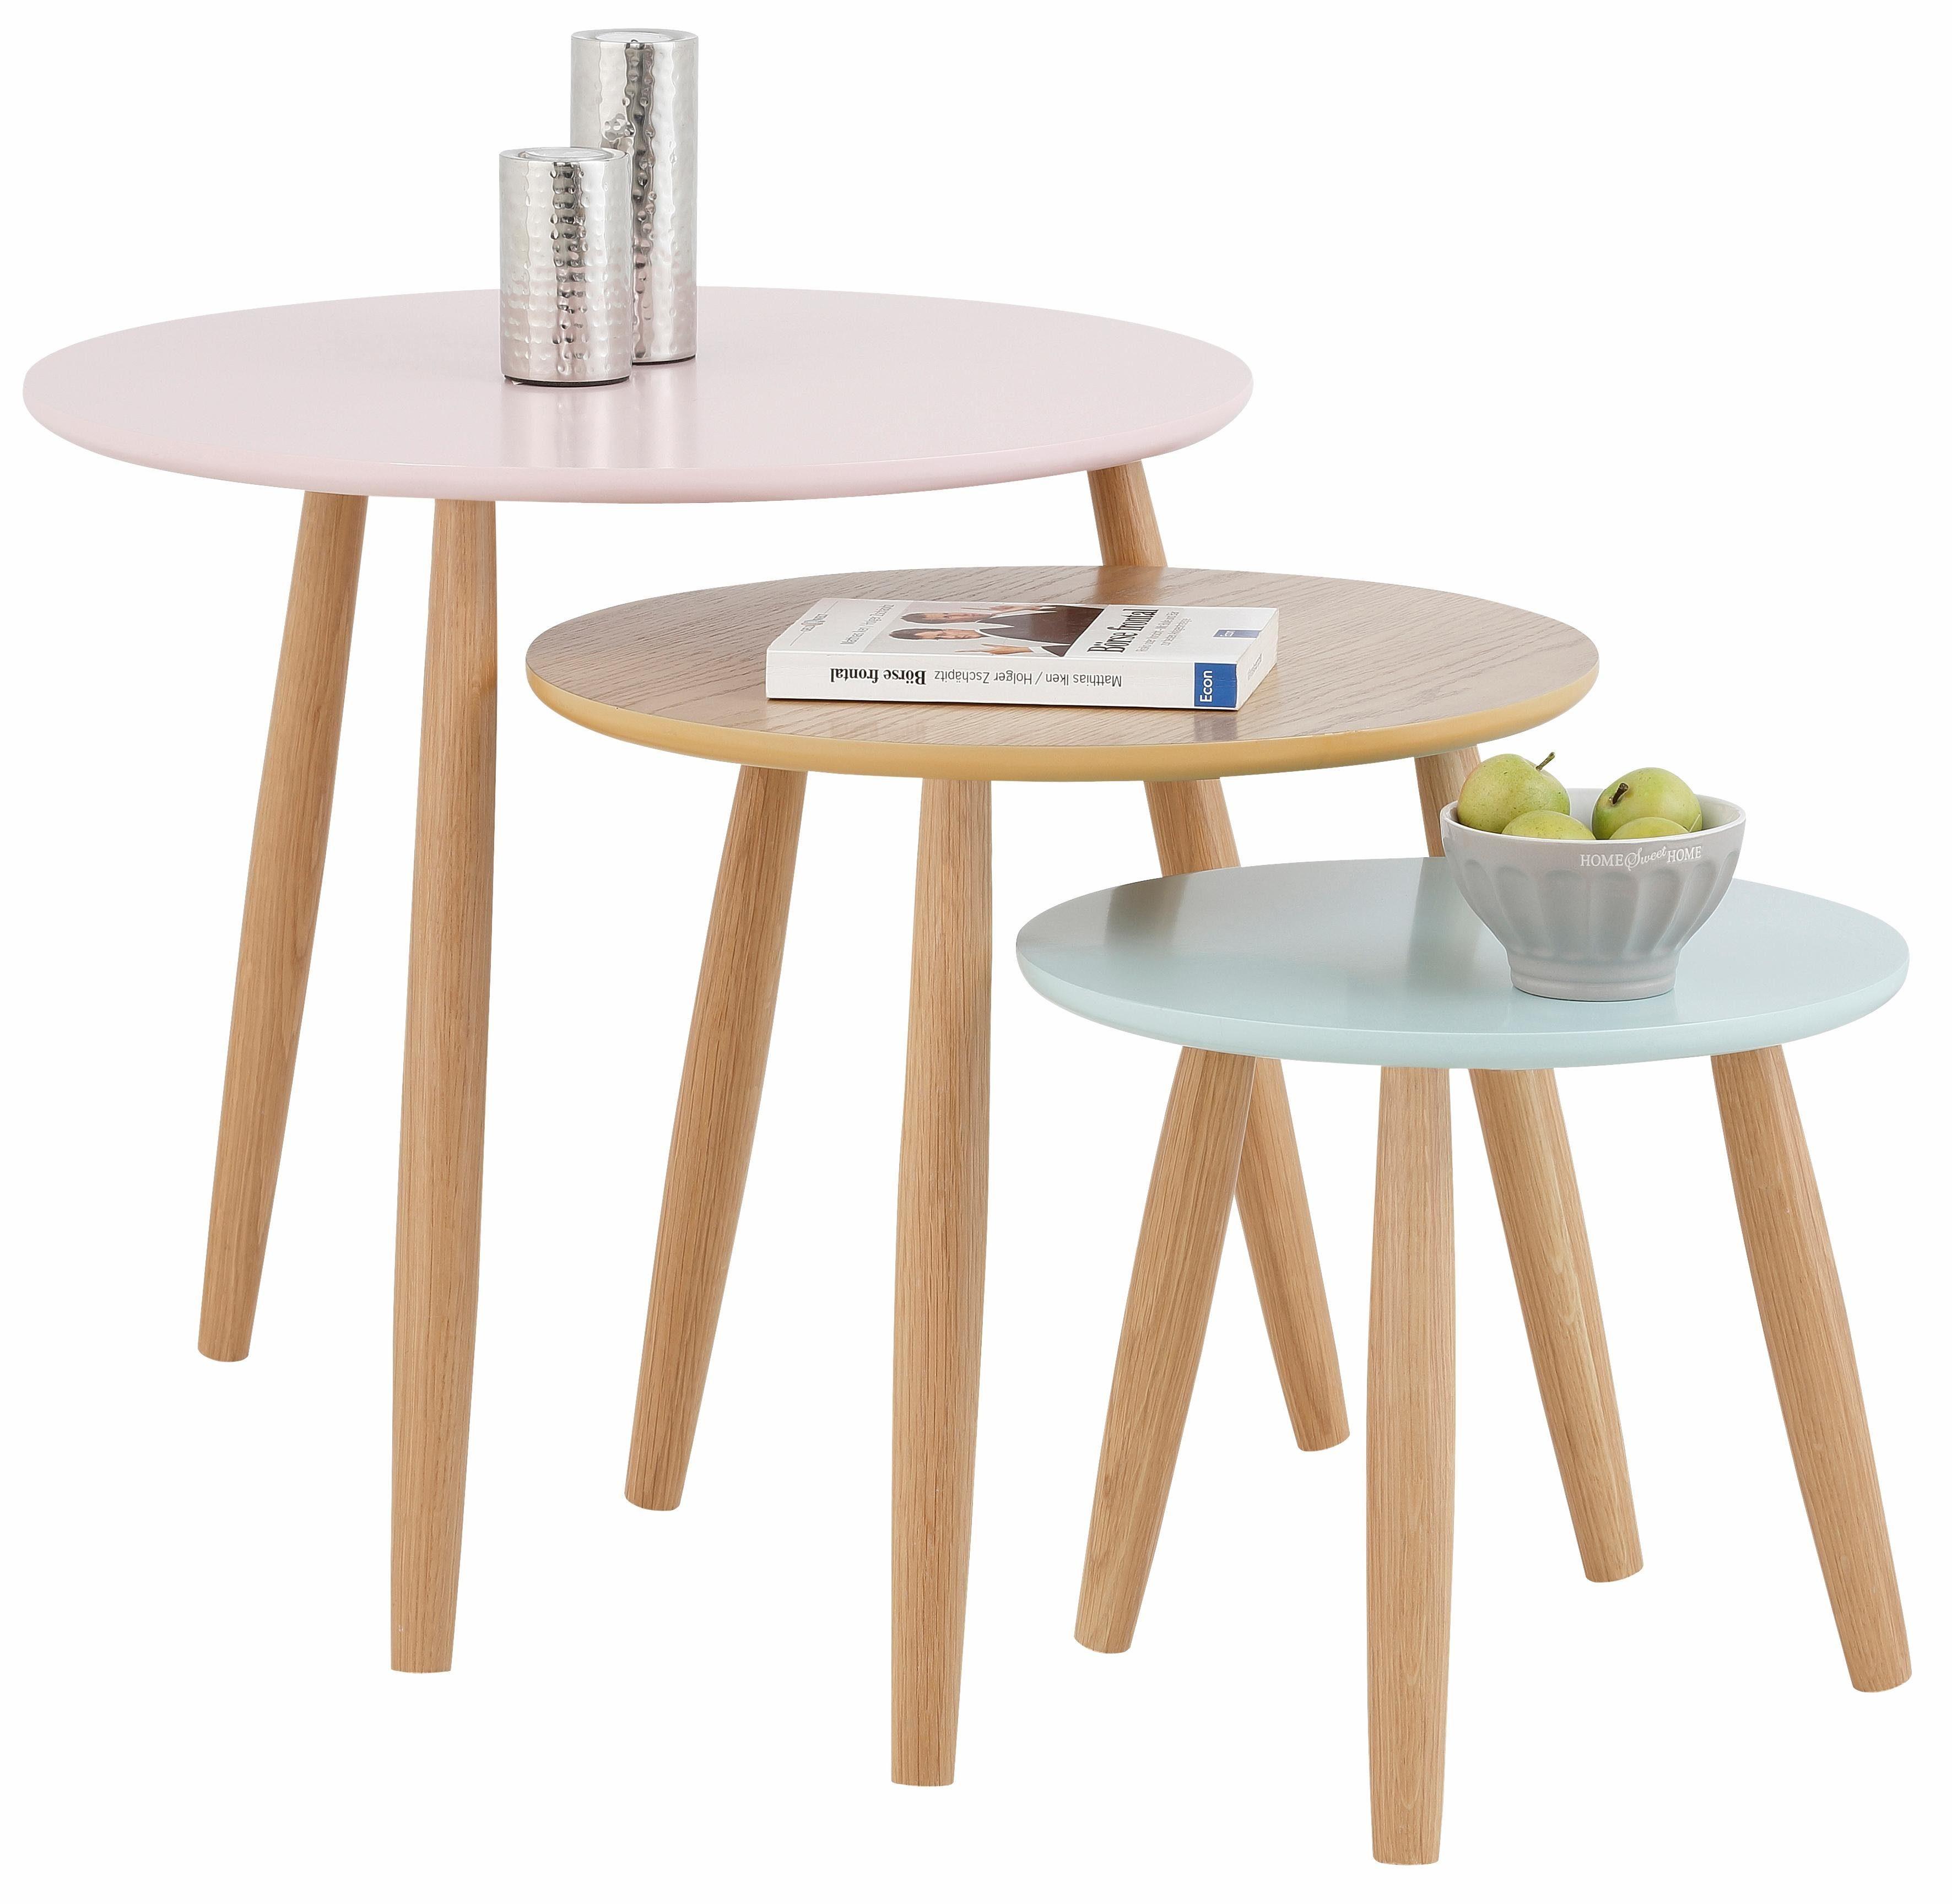 Home »Pastel« affaire Beistelltisch, 3er-Set